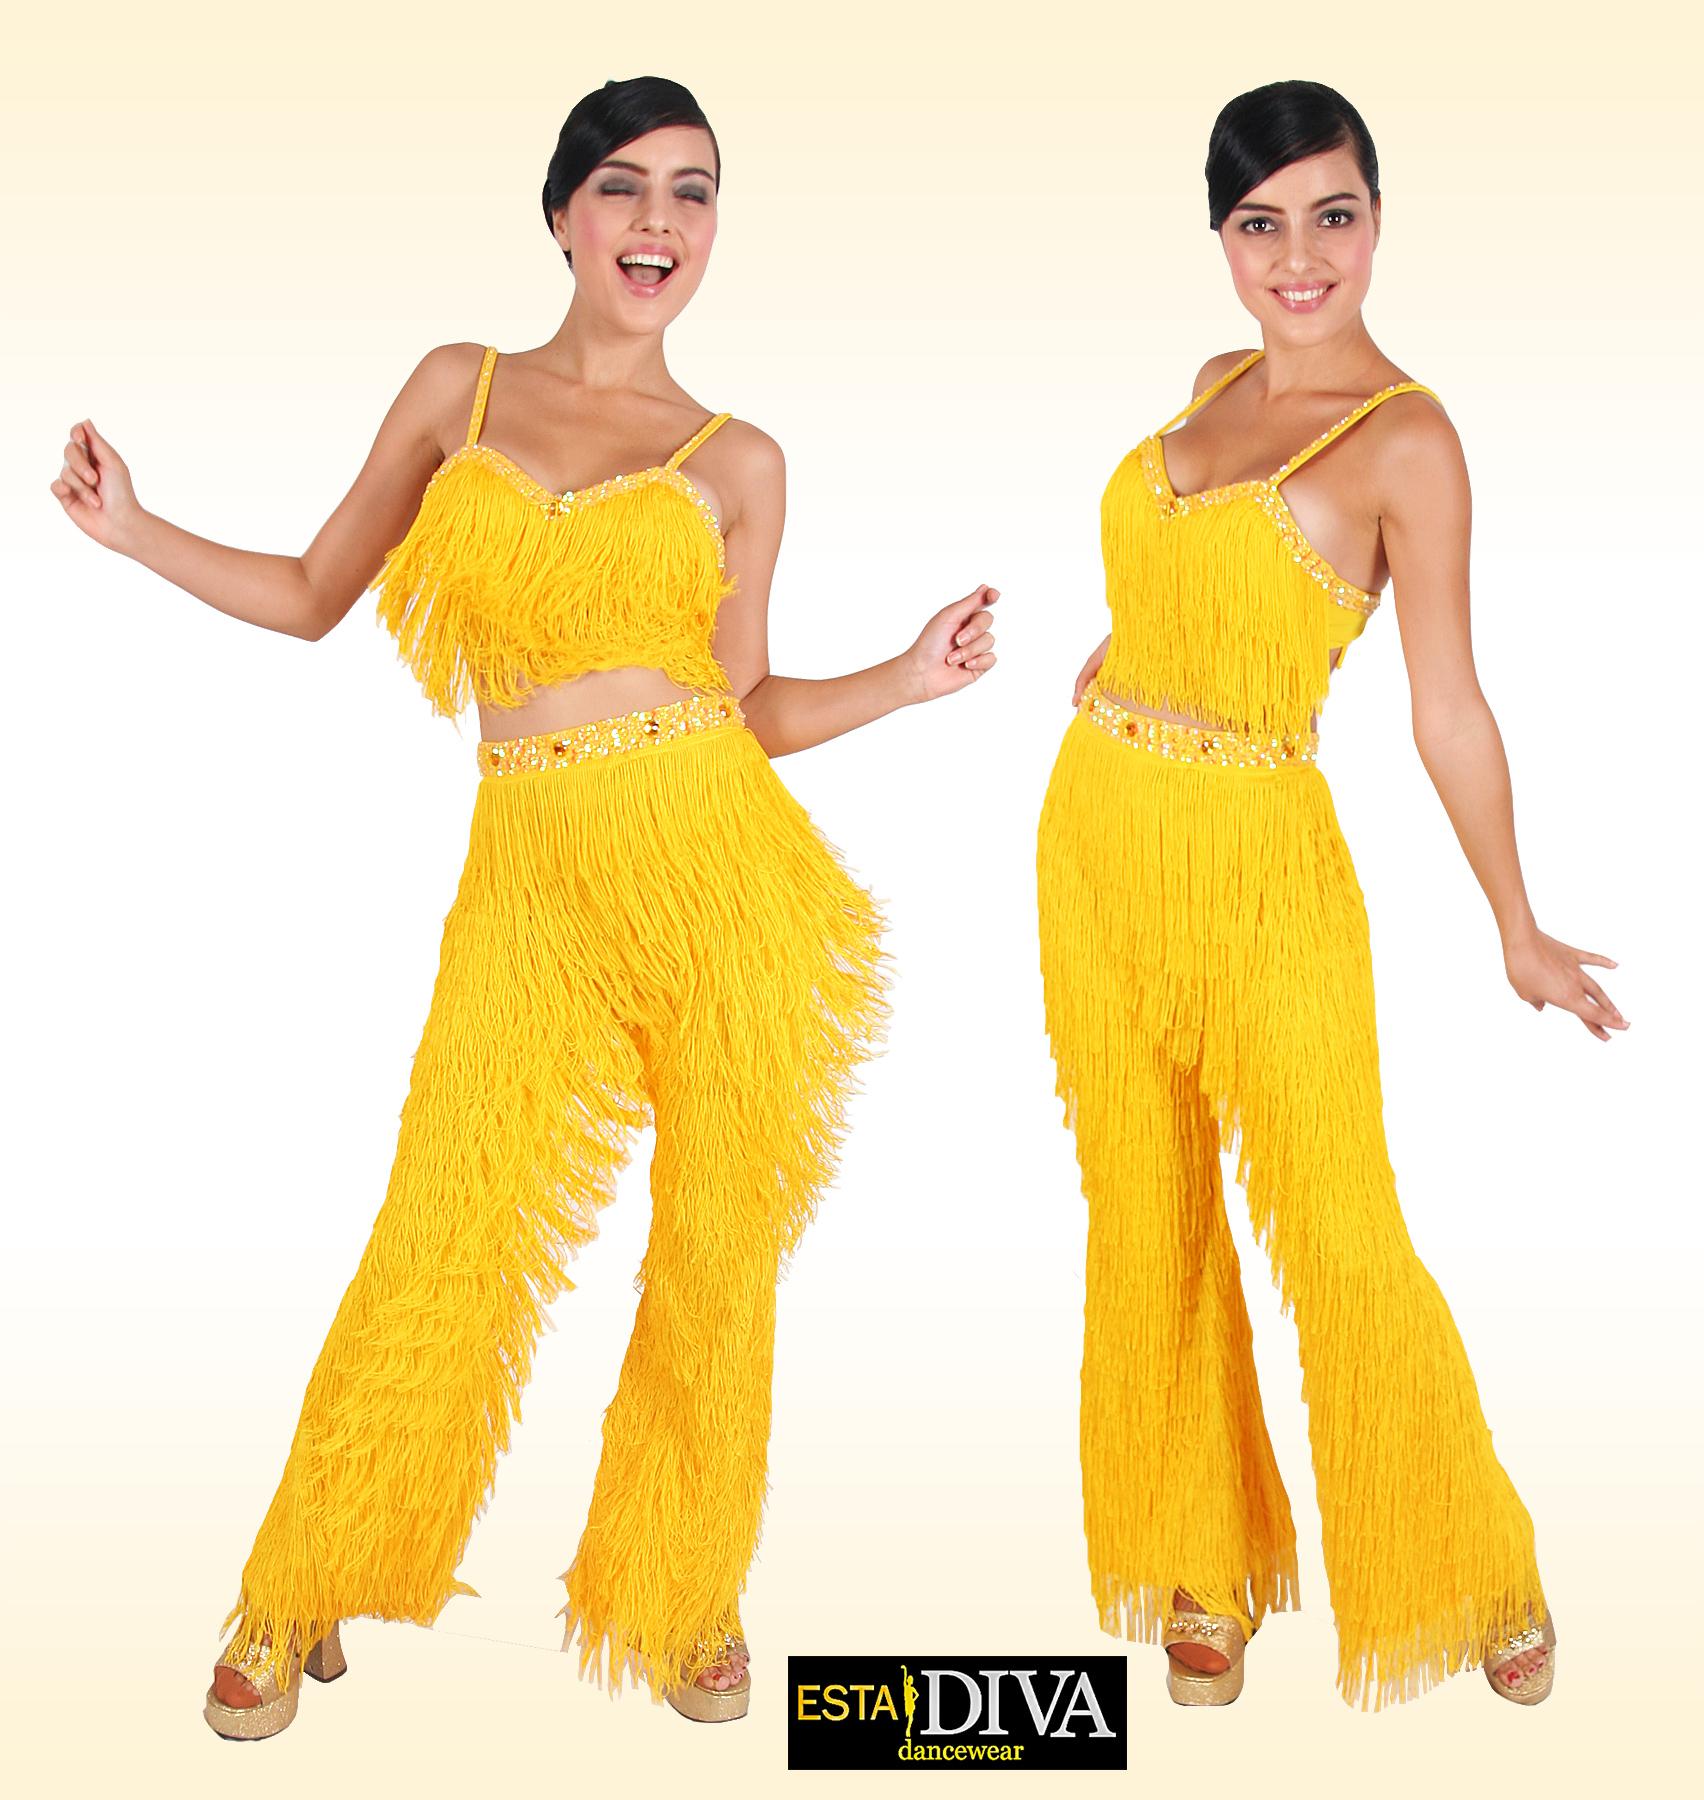 05eaf5cbcf1c5 Fringe Costume - Latin Salsa [fringe-pants-top-3] - €165.00 - ESTA ...